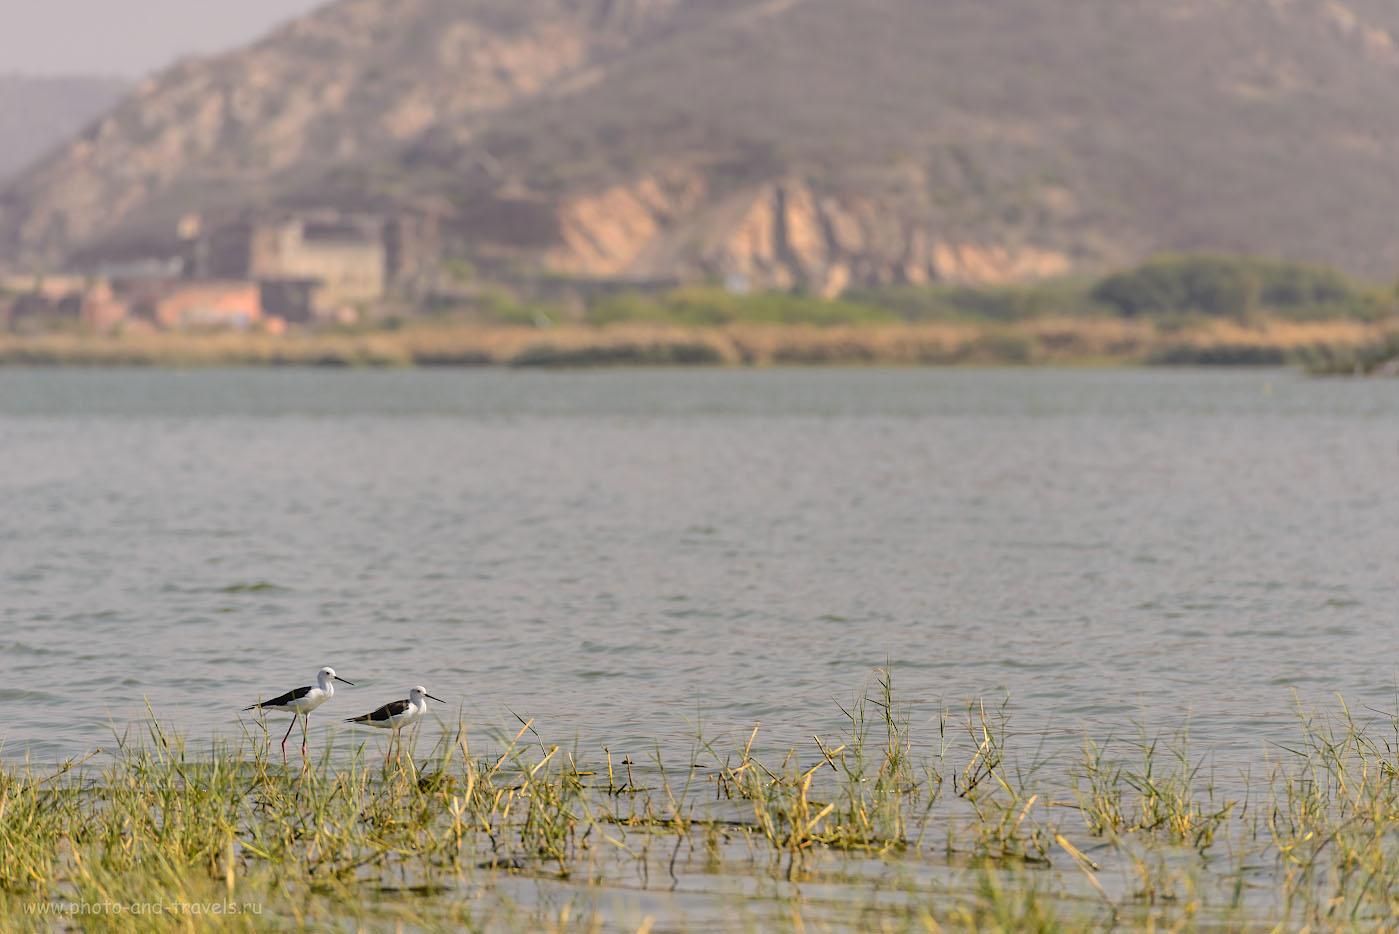 Фото 4. Ходулочники на берегу озера Мэн Сагар в Джайпуре. Отчет о самостоятельной поездке в Индию зимой 2017 года. 1/800, 4.5, 100, 200.